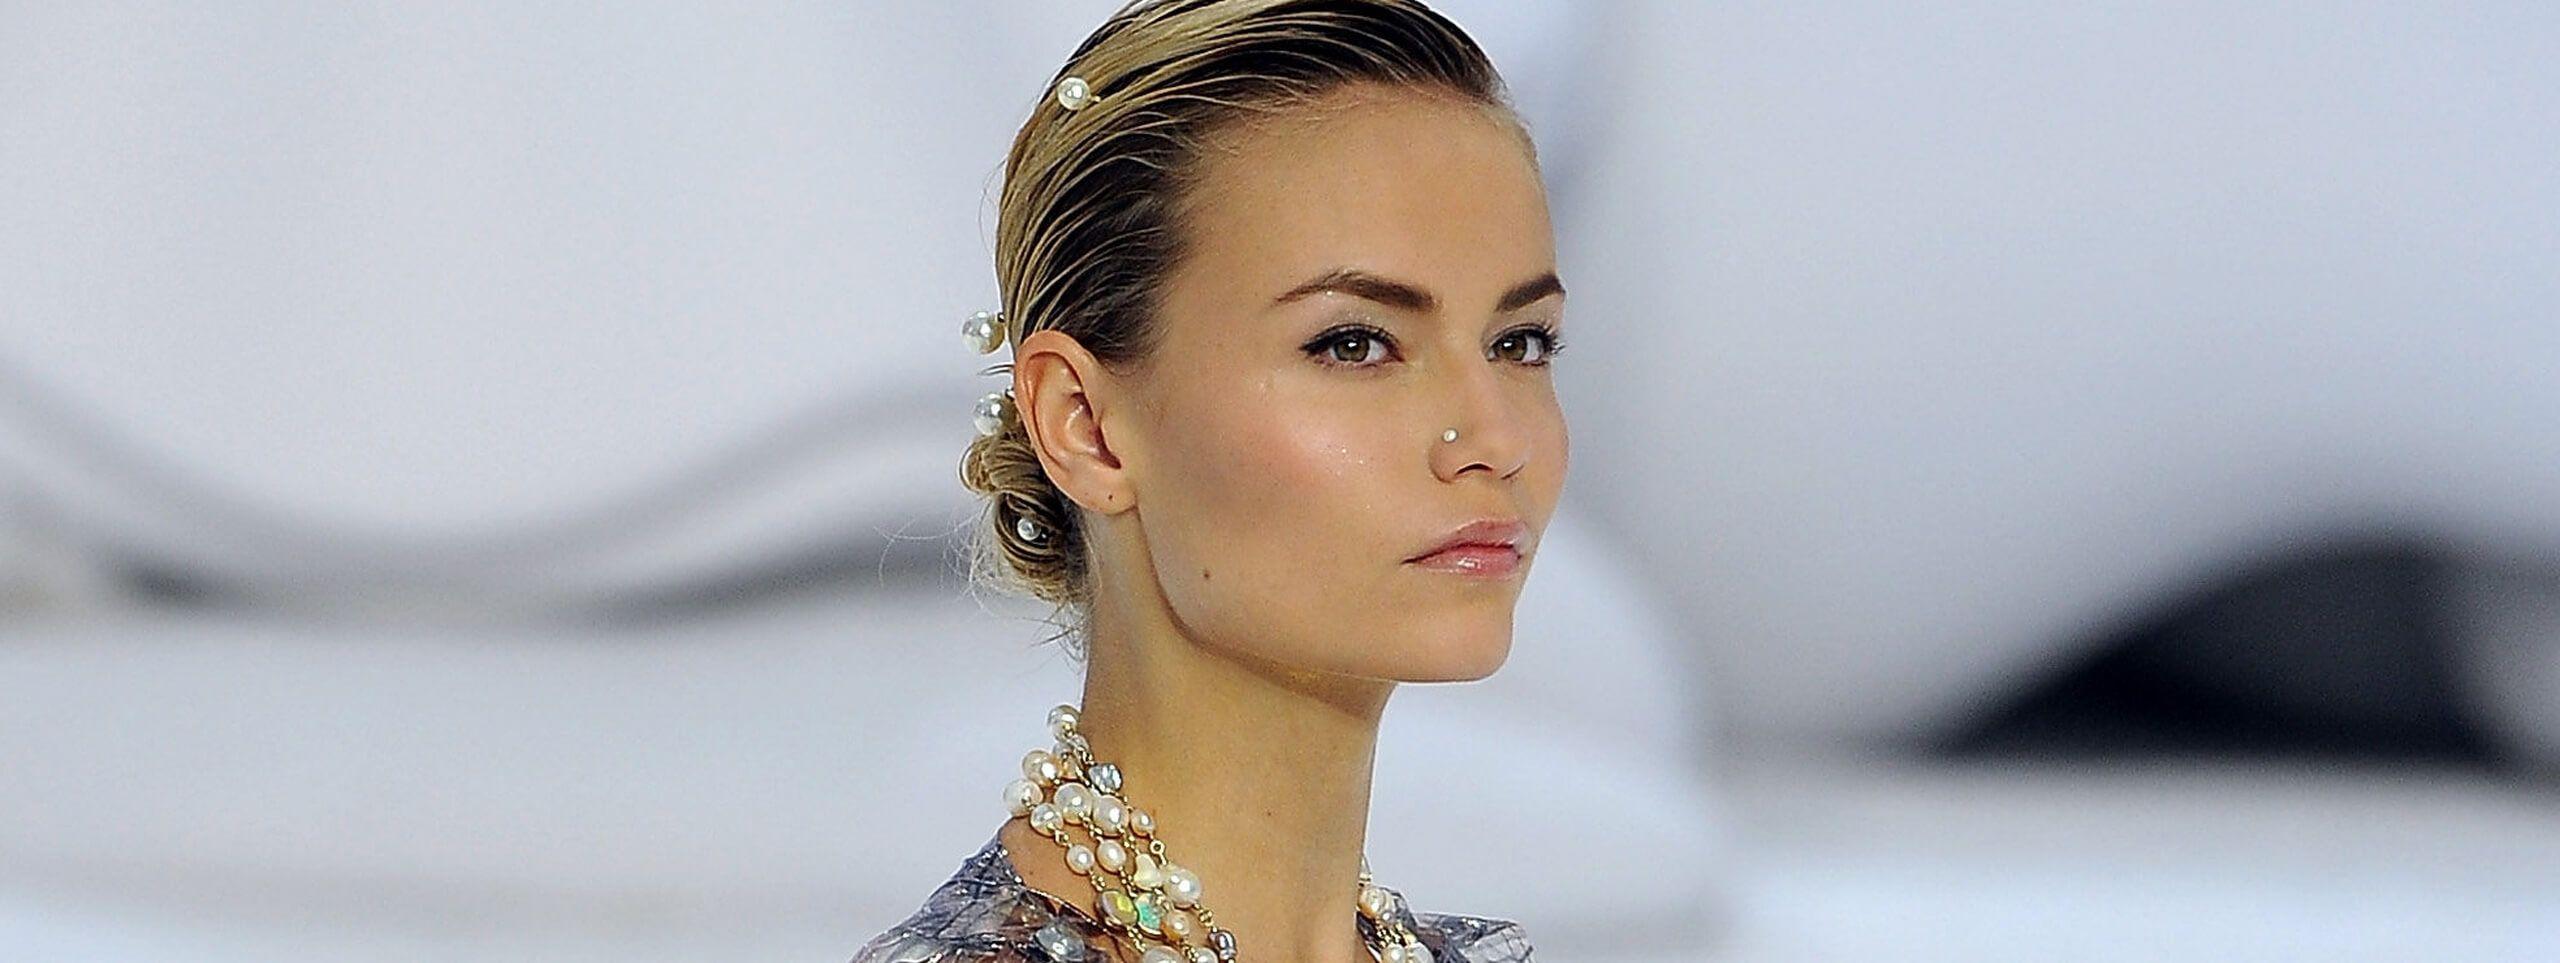 Chanel capelli lisci ornati perle acconciatura raccolta